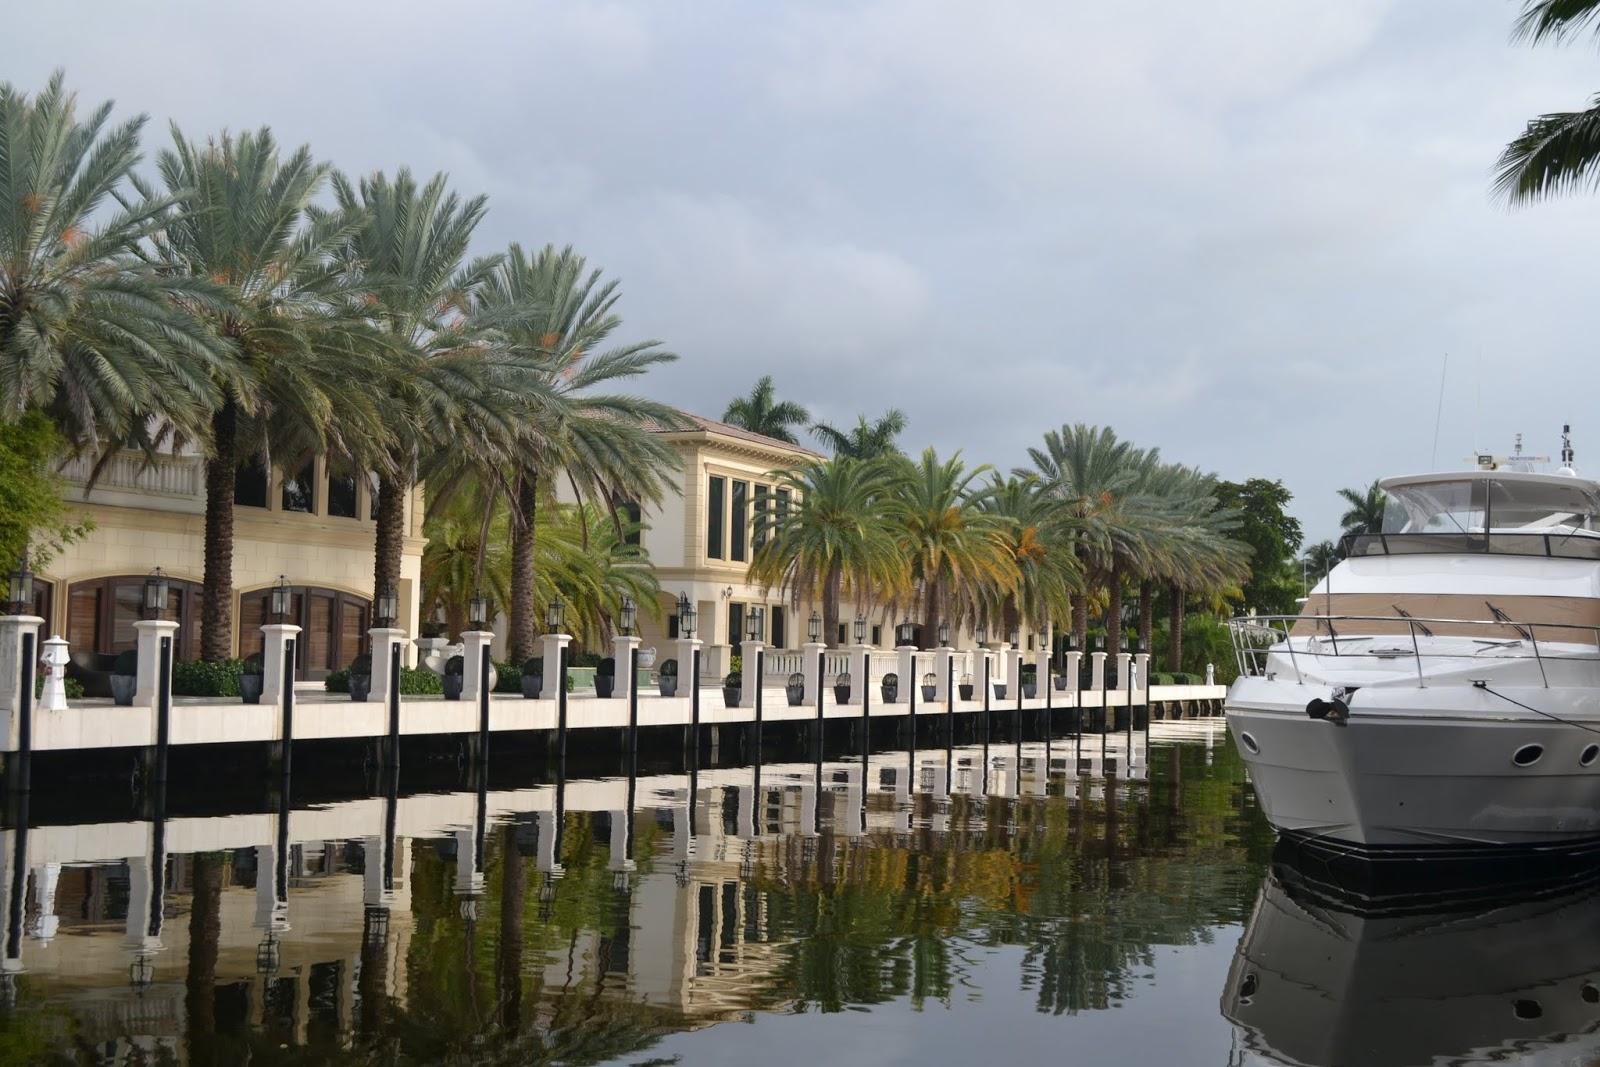 Американская Венеция - Форт-Лодердейл, Флорида (Fort Lauderdale, FL)